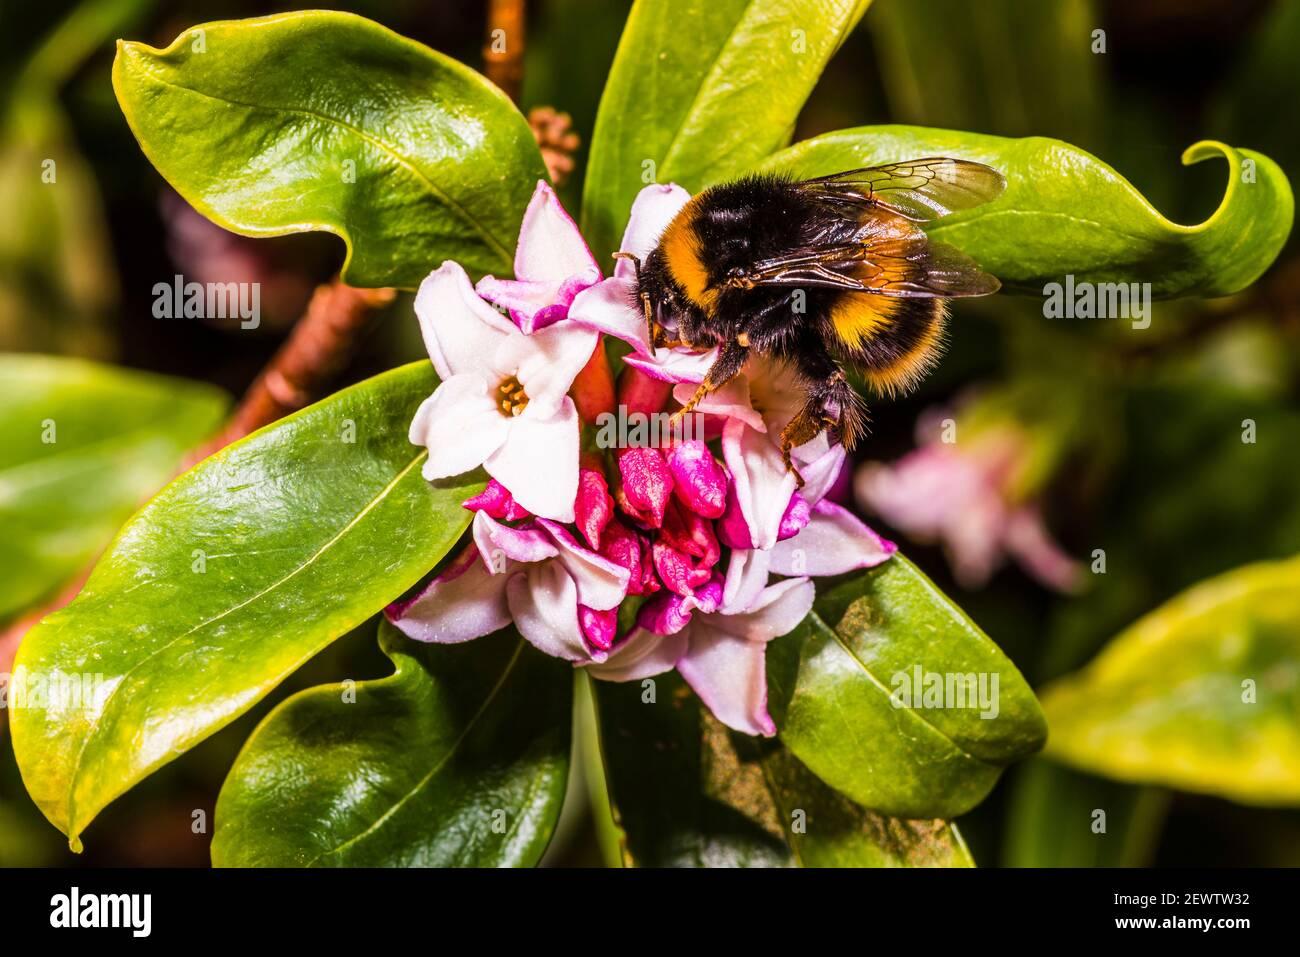 Primer plano de un abejorro en una odora Daphne en un jardín de primavera del norte de Londres, Londres, Reino Unido Foto de stock